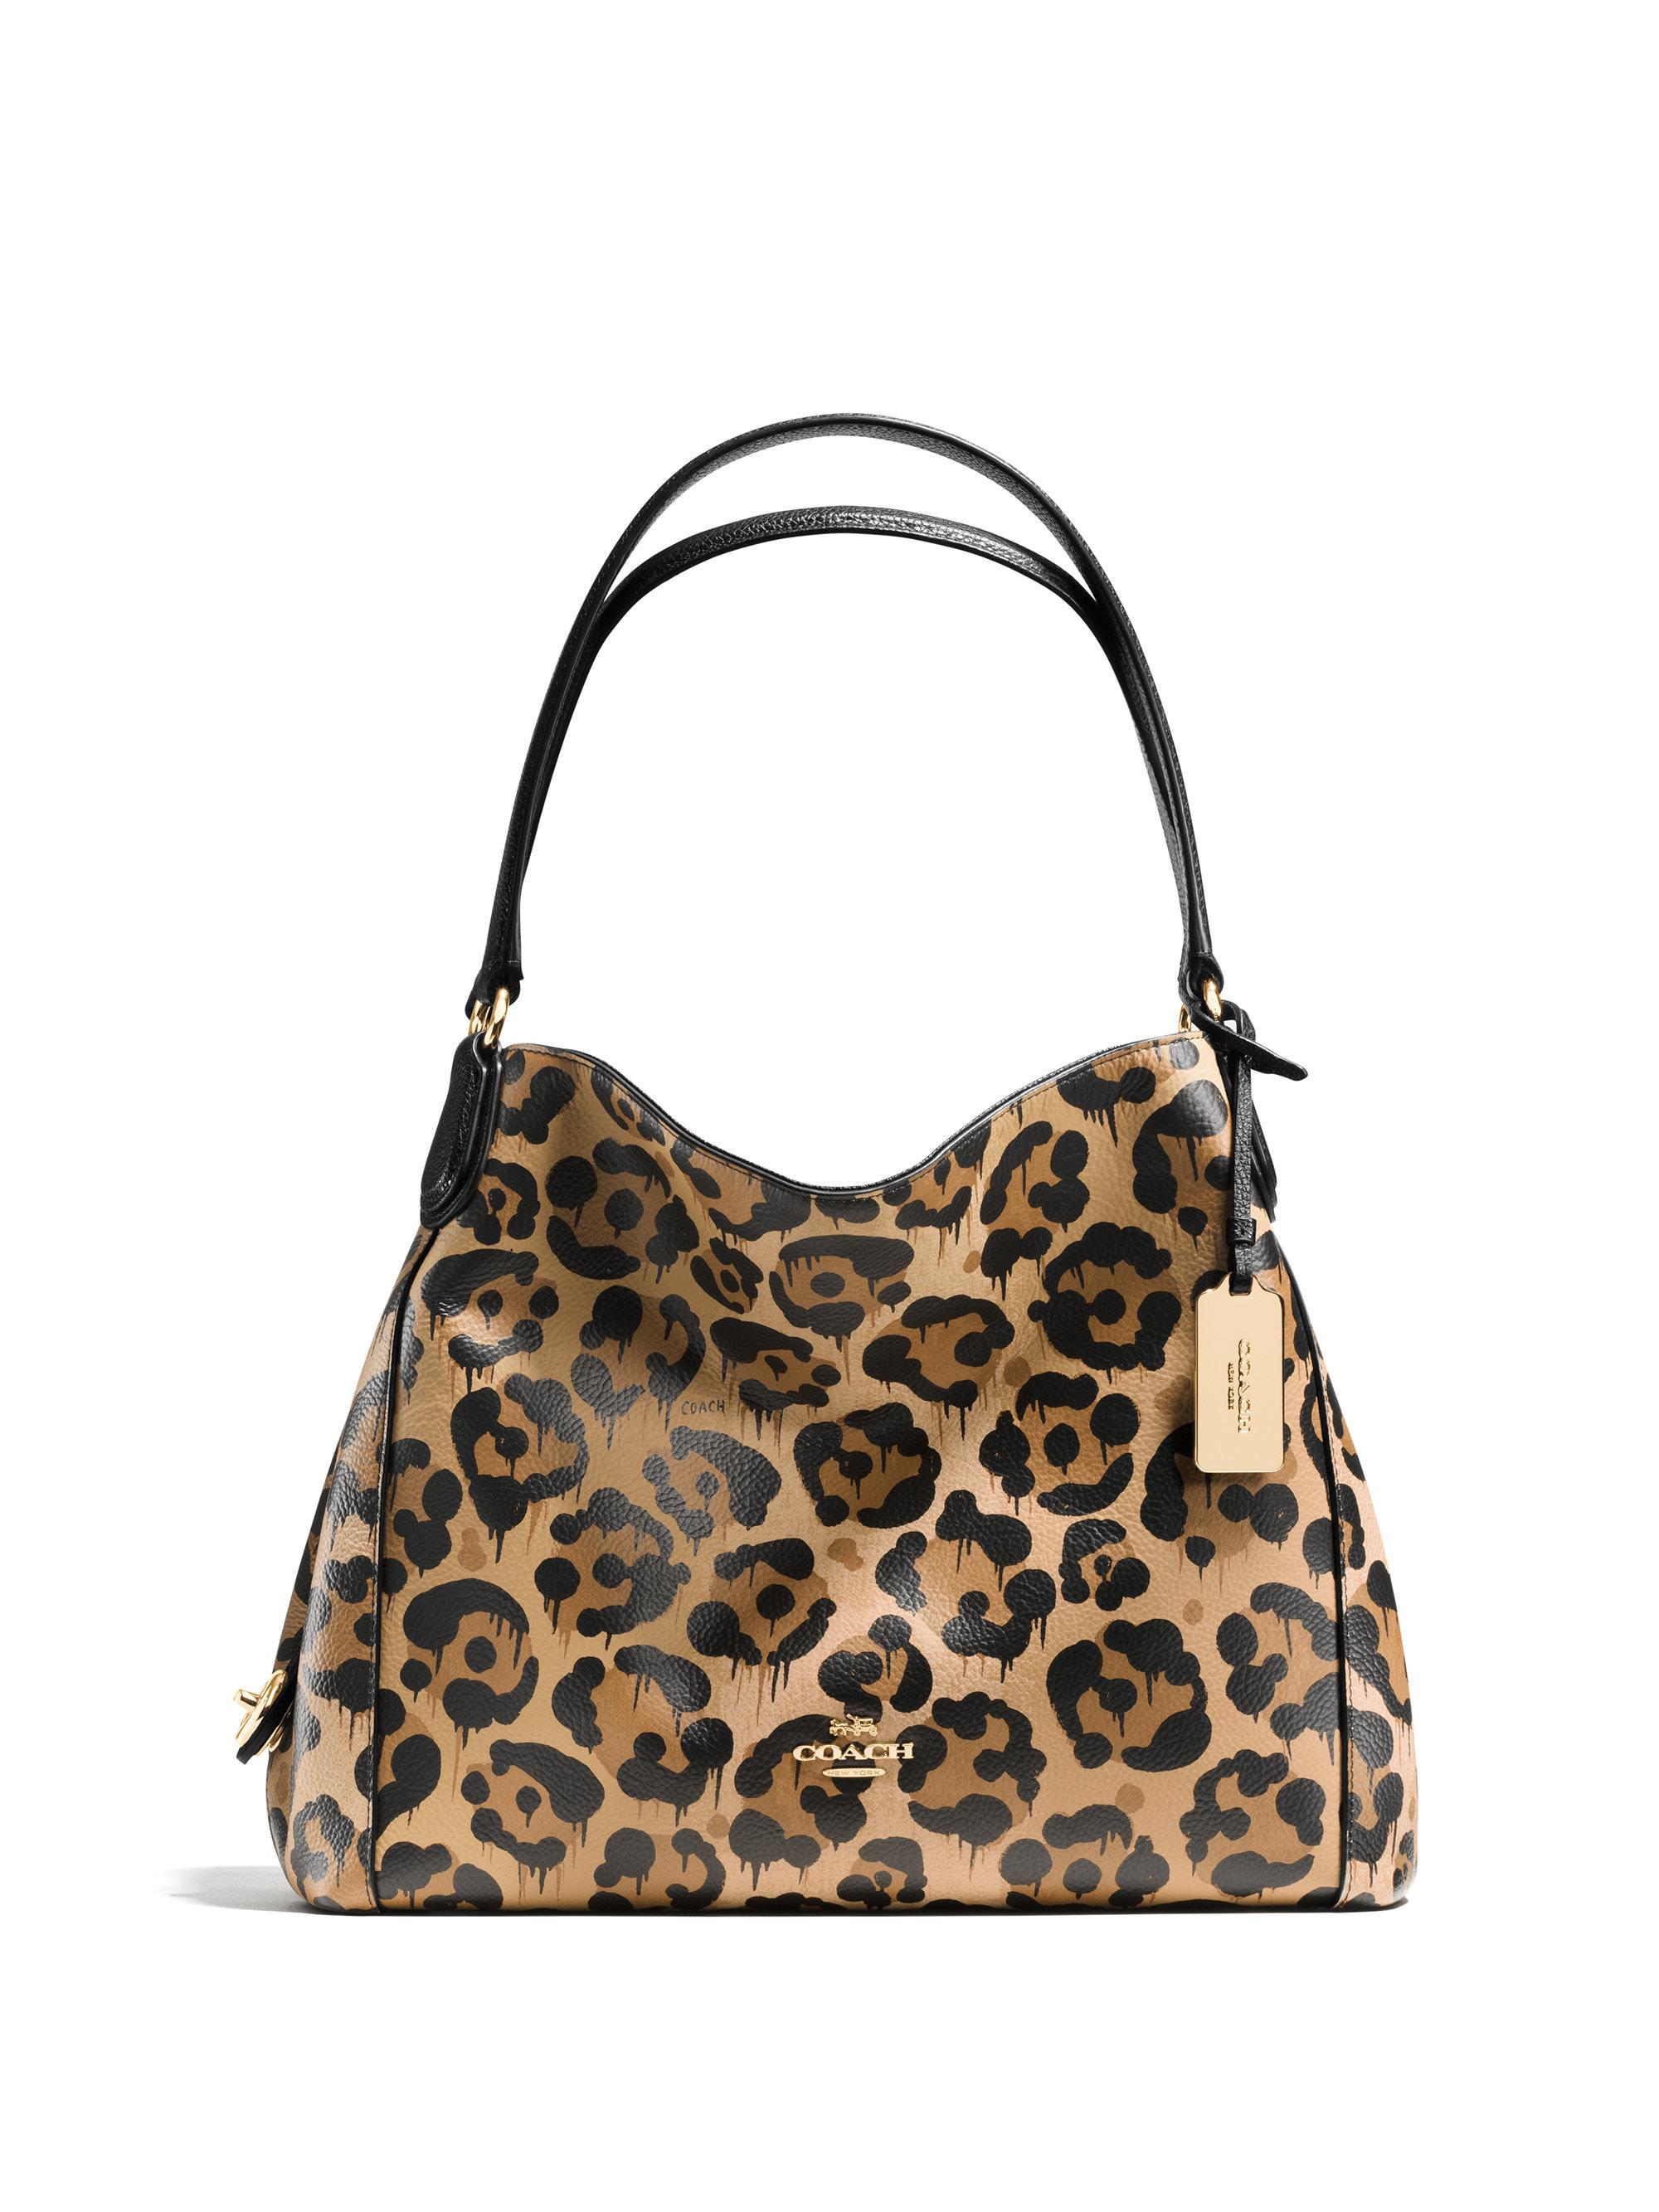 c45a527b8 new zealand purple leopard print coach purse lyst coach turnlock leather tote  bag d9cd2 c7068; closeout lyst coach turnlock leather tote bag 97e80 7b007